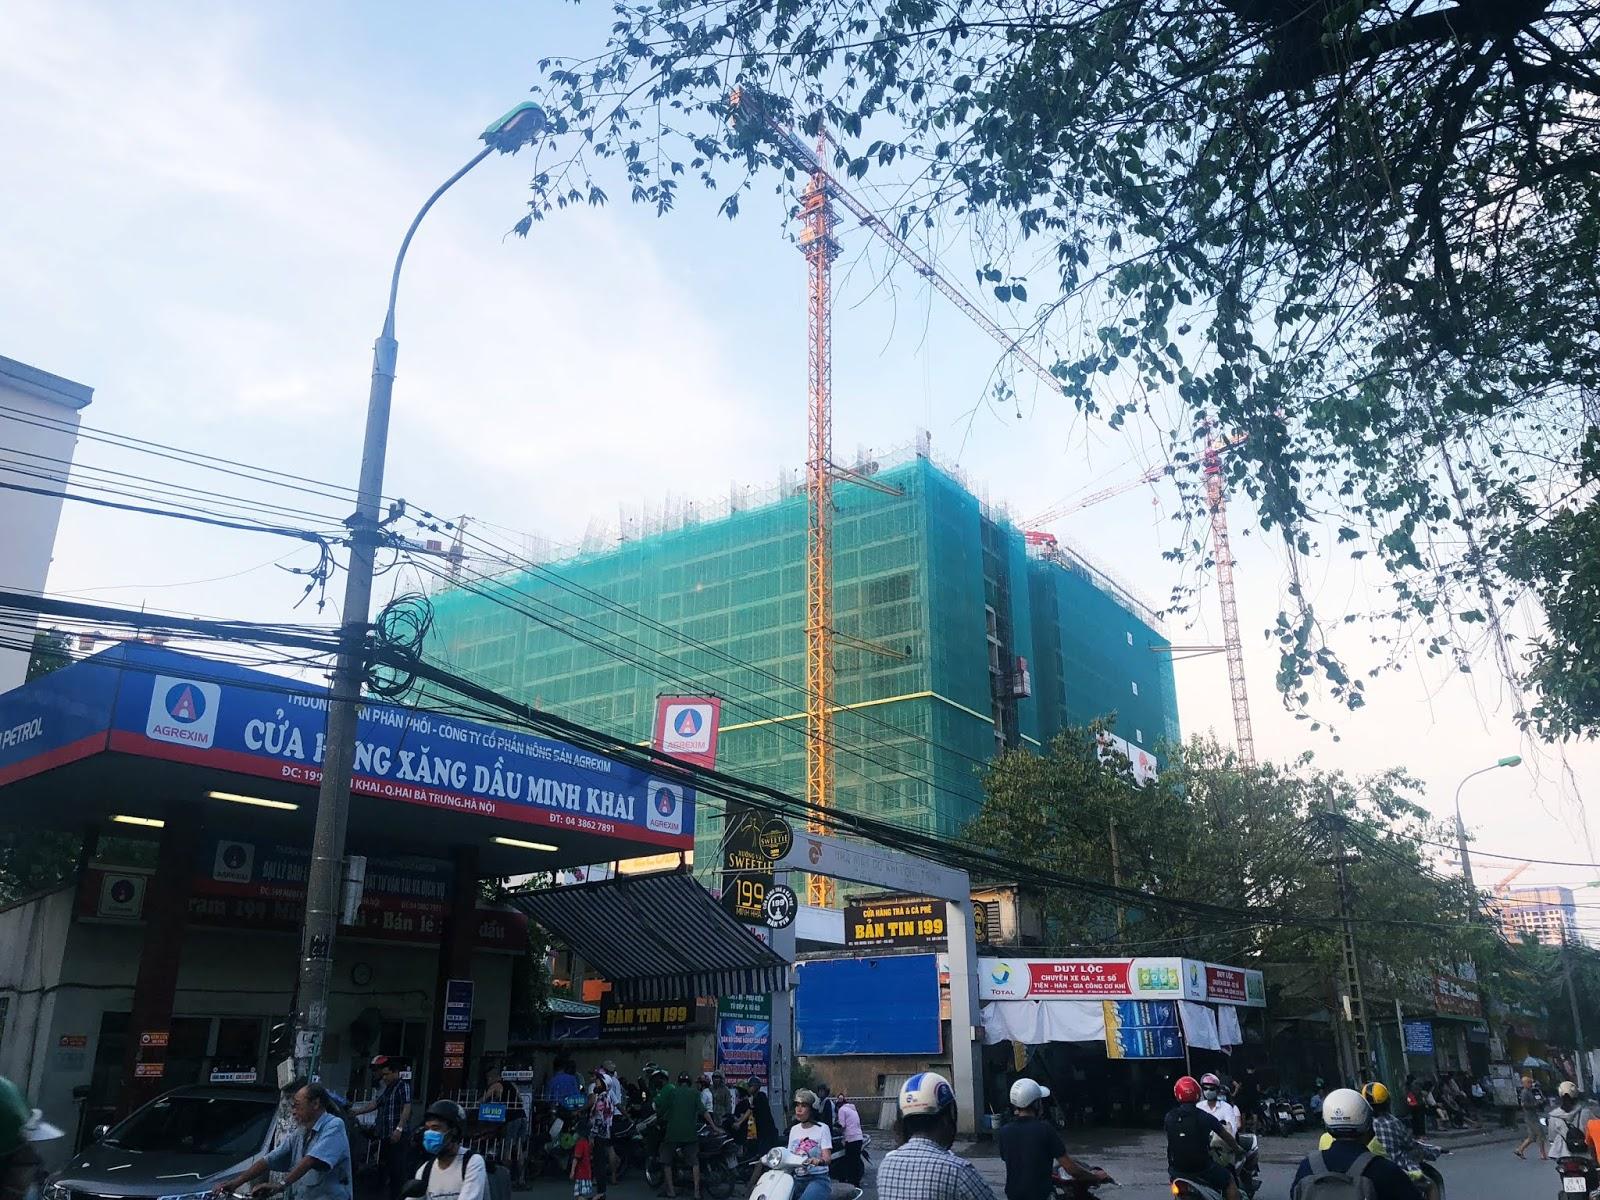 Hình ảnh xây dựng mới của dự án Hinode City 201 Minh Khai